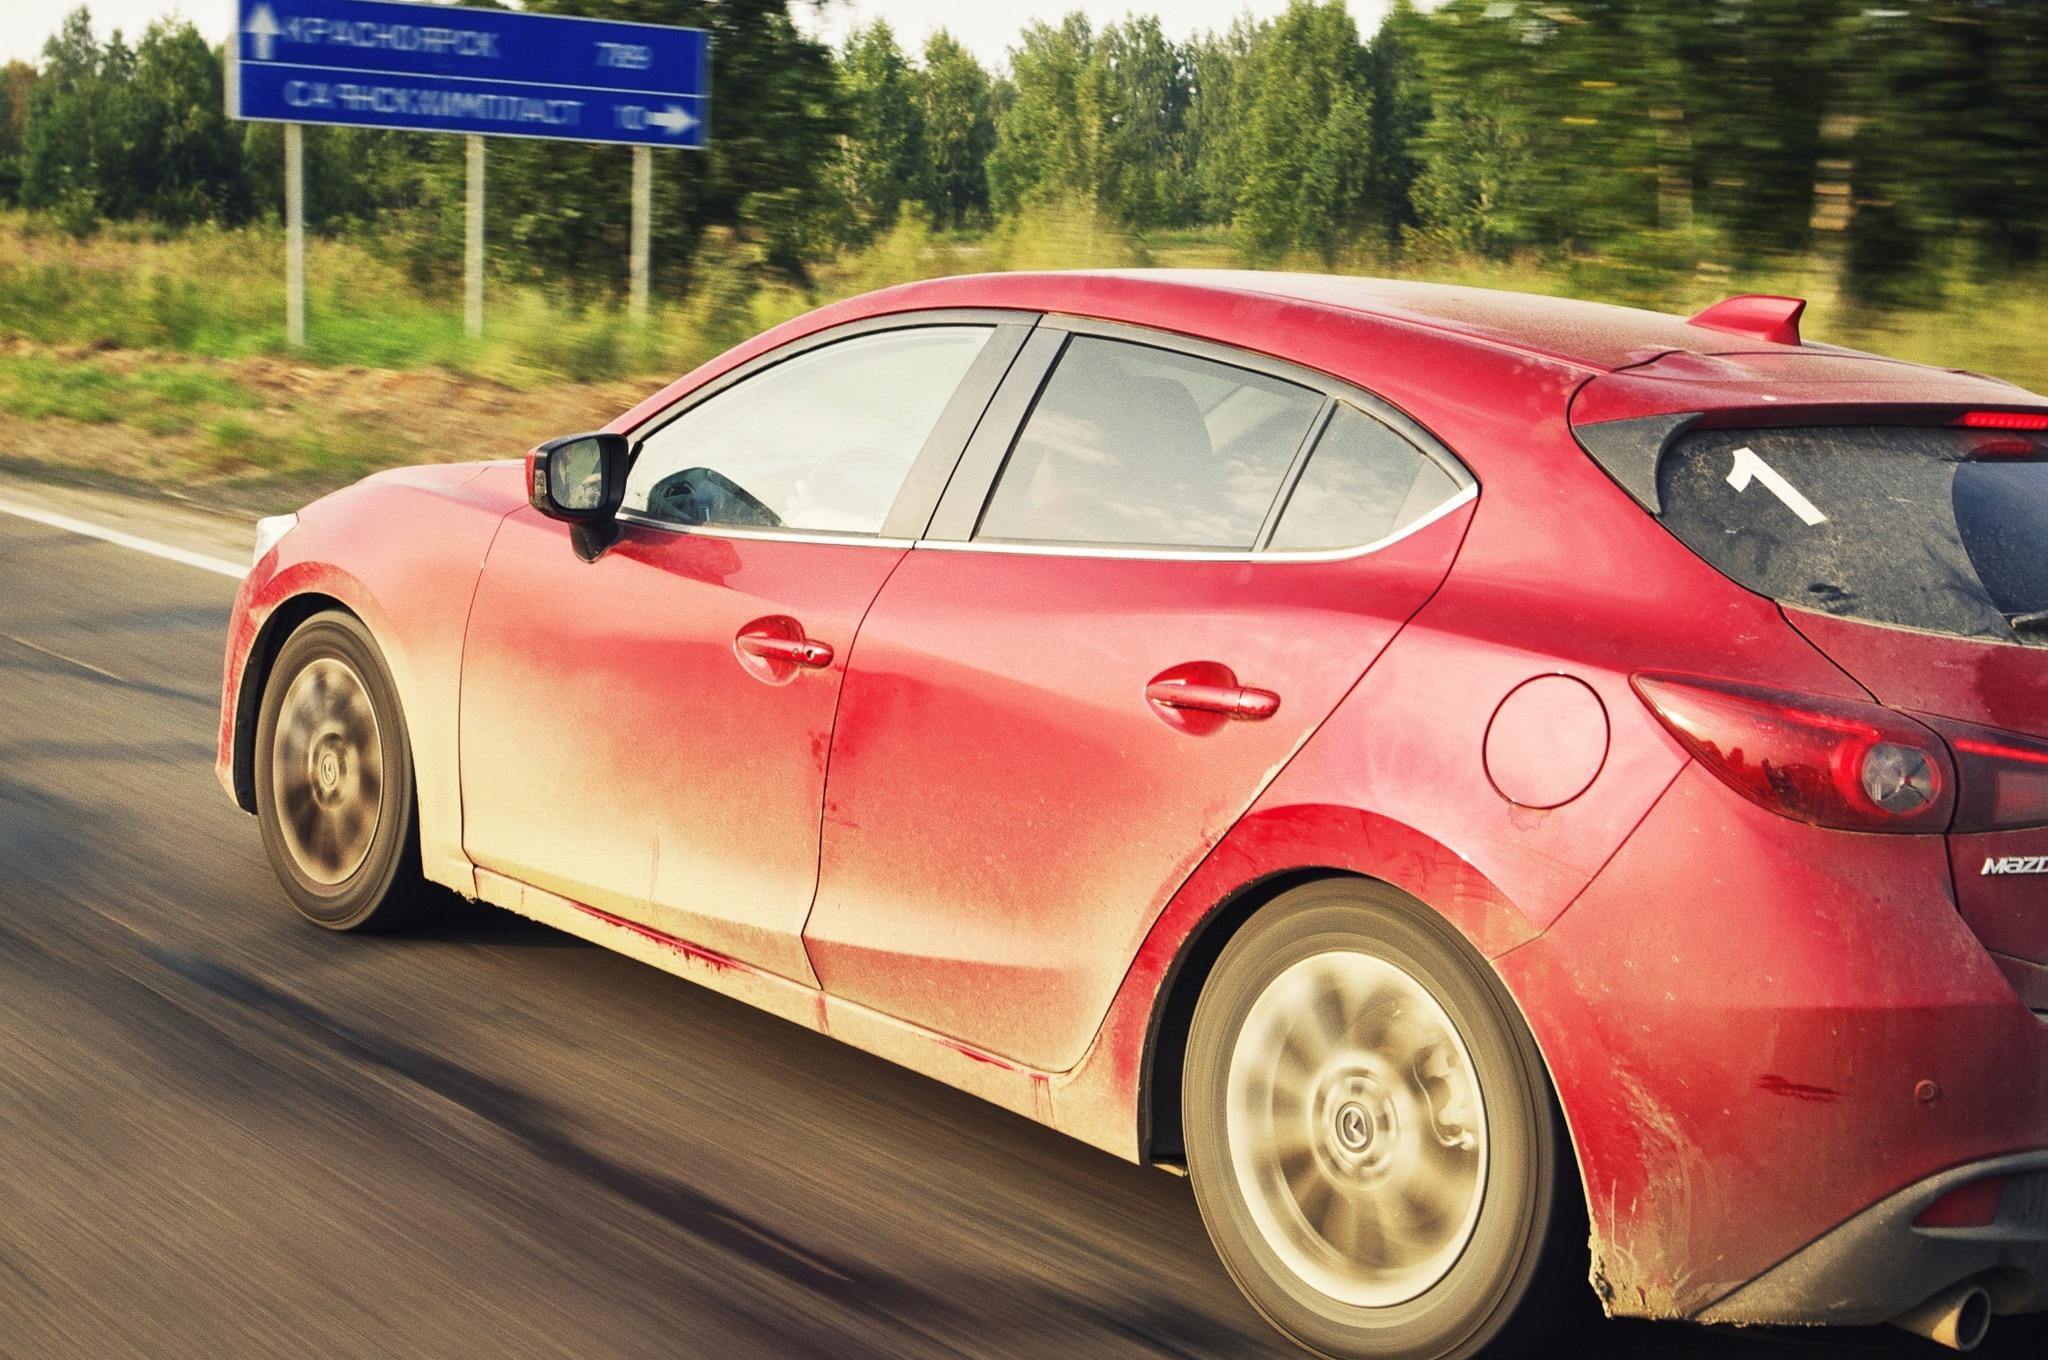 2014 Mazda 3 Left Rear Angle Driving Russia1